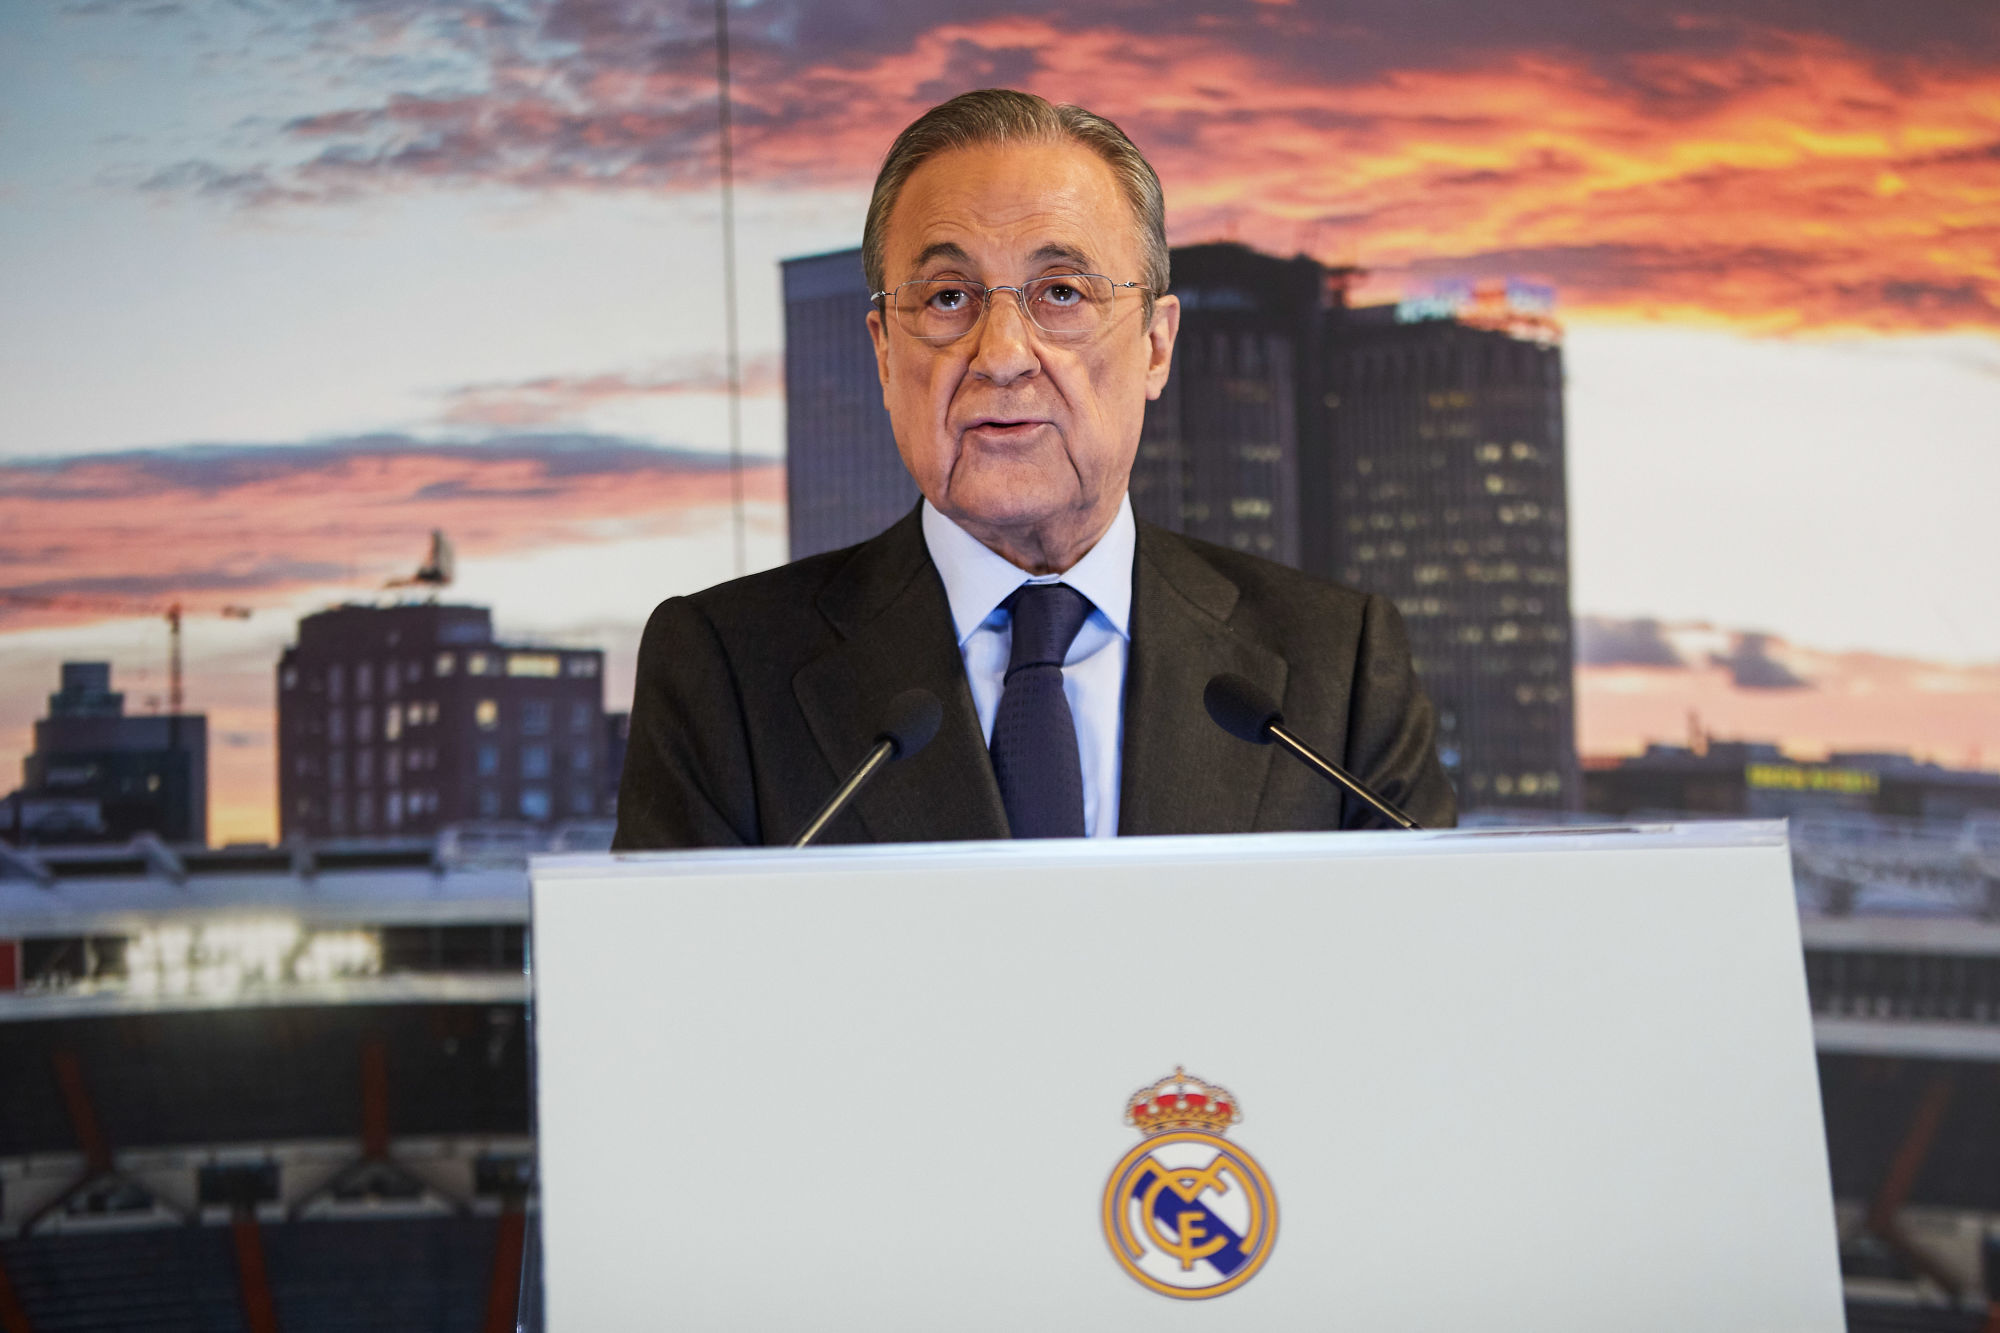 Super League - Pérez annonce que le PSG n'est pas invité et écarte les sanctions de l'UEFA